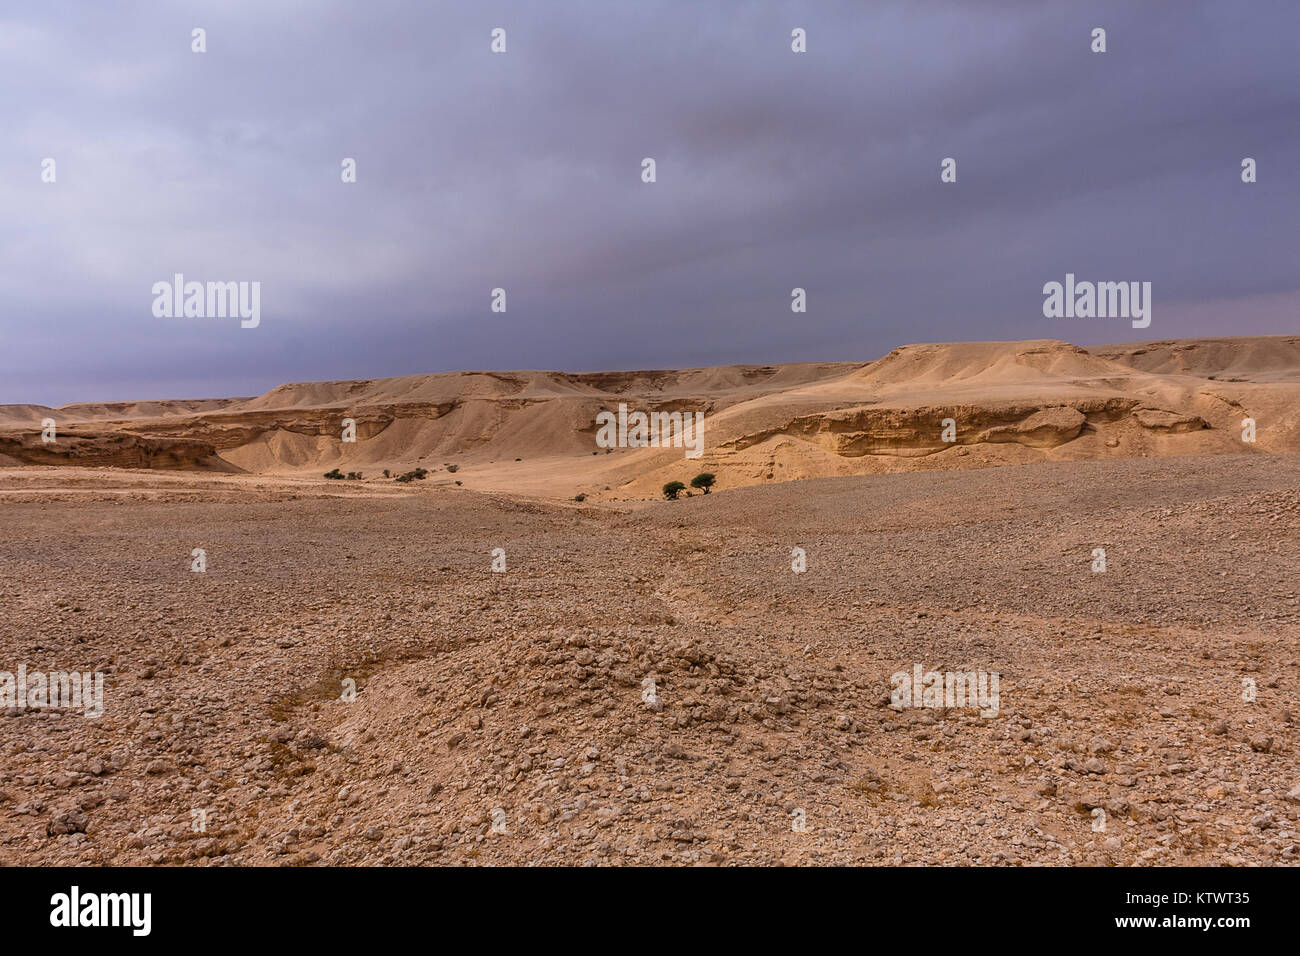 Un paesaggio del deserto a est di Riyadh Immagini Stock